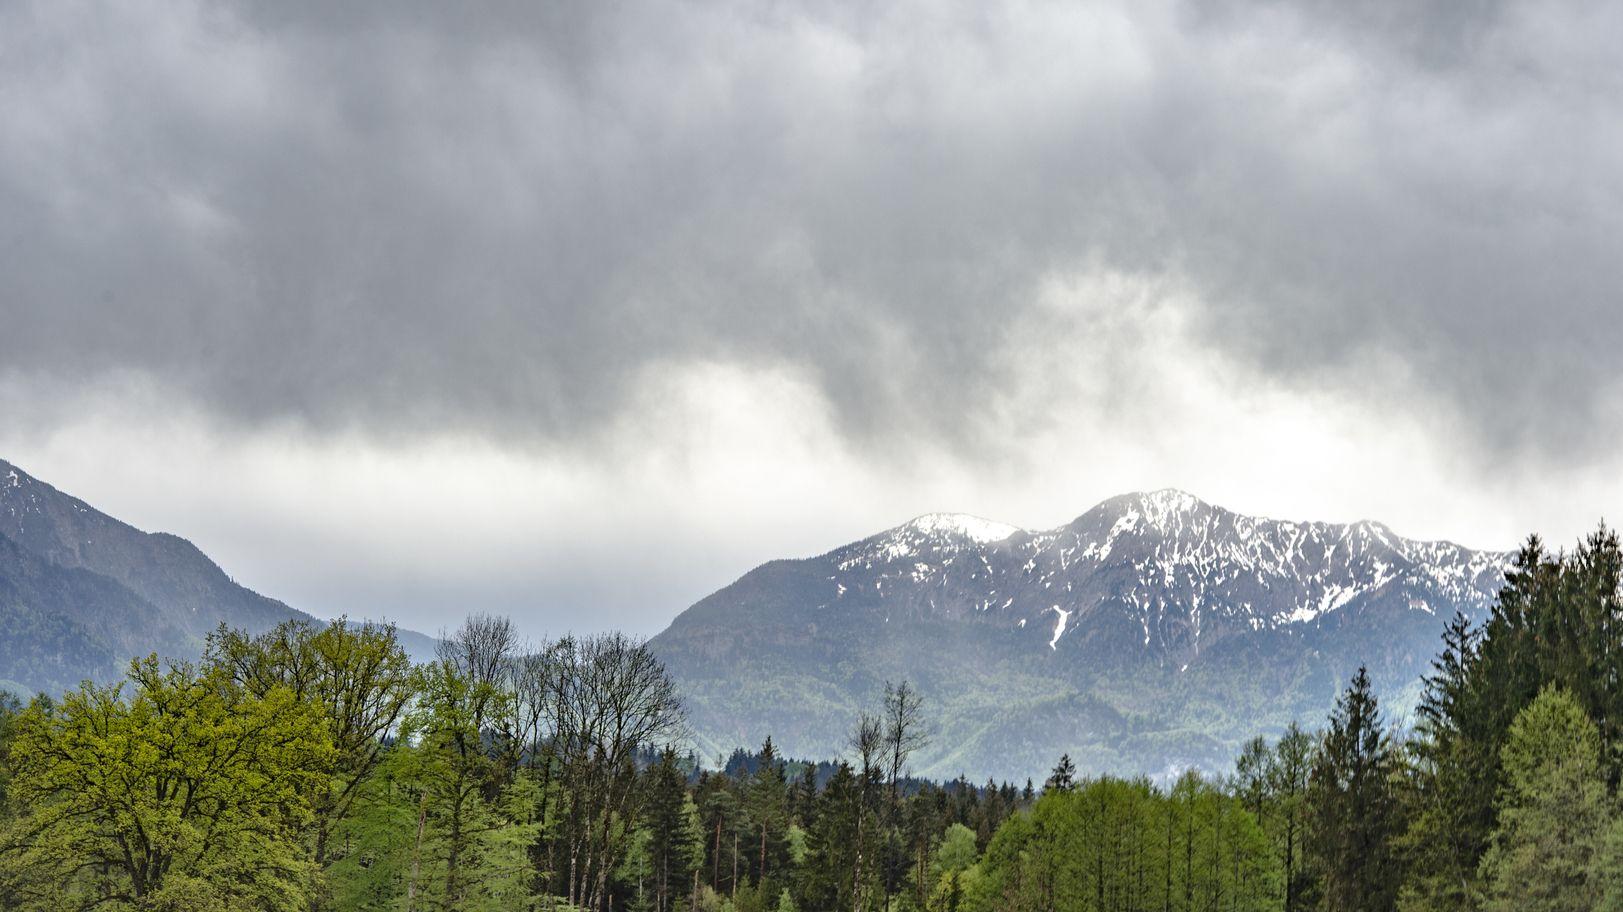 Münchner Voralpenland in der Nähe von Wolfratshausen bei Schlechtwetterlage.